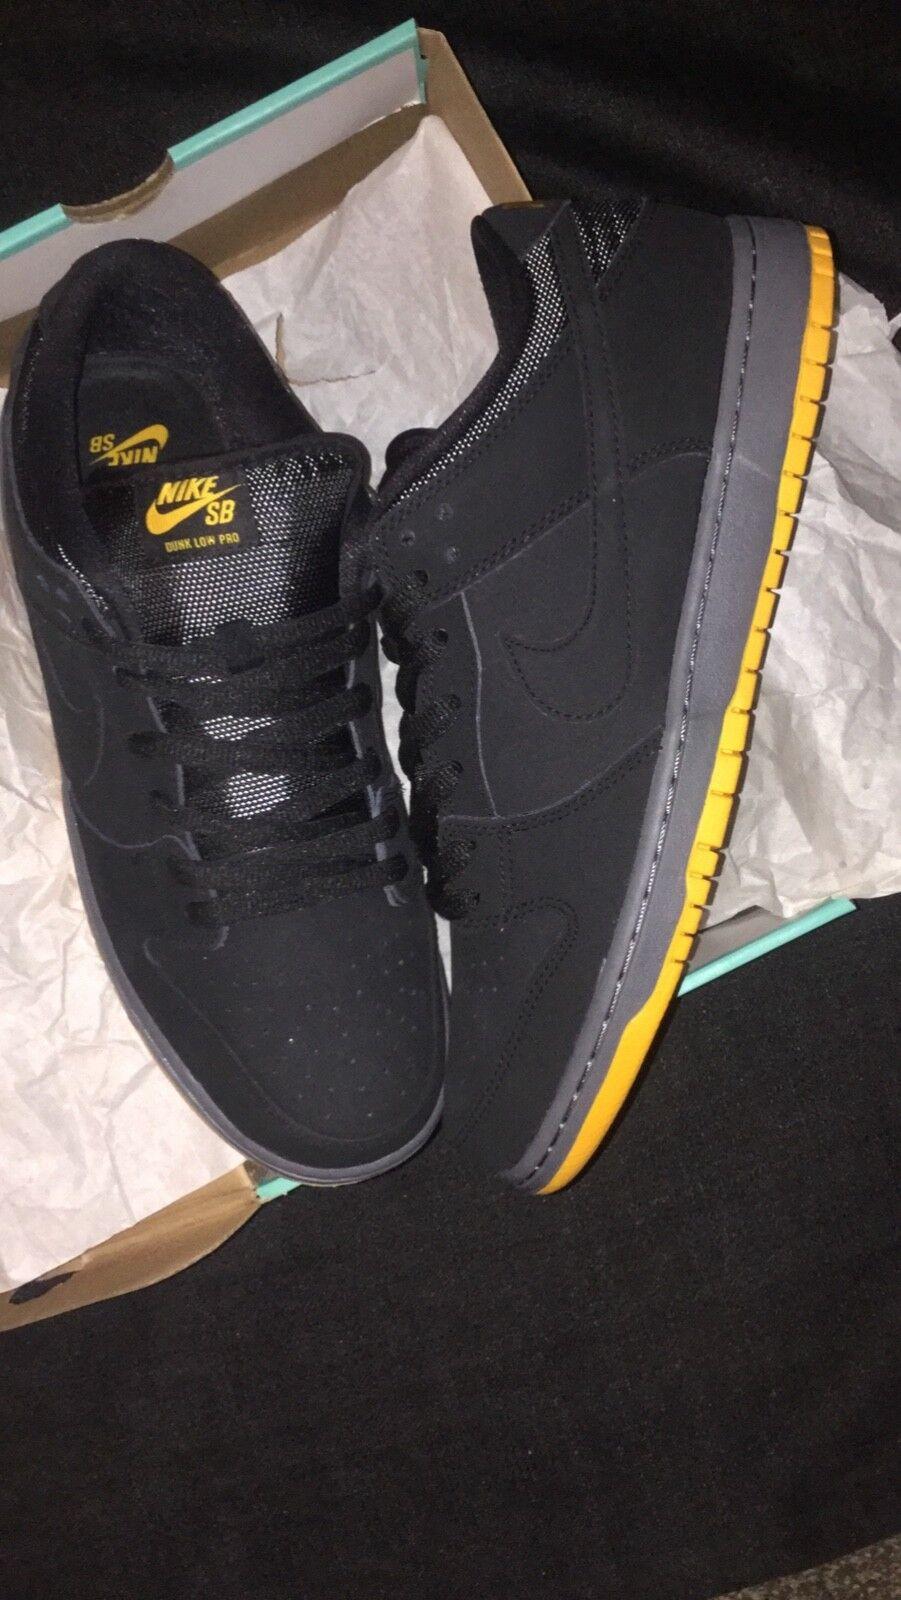 Nike SB Nike DUNK LOW PRO SB Black University gold 11.5 (2014)